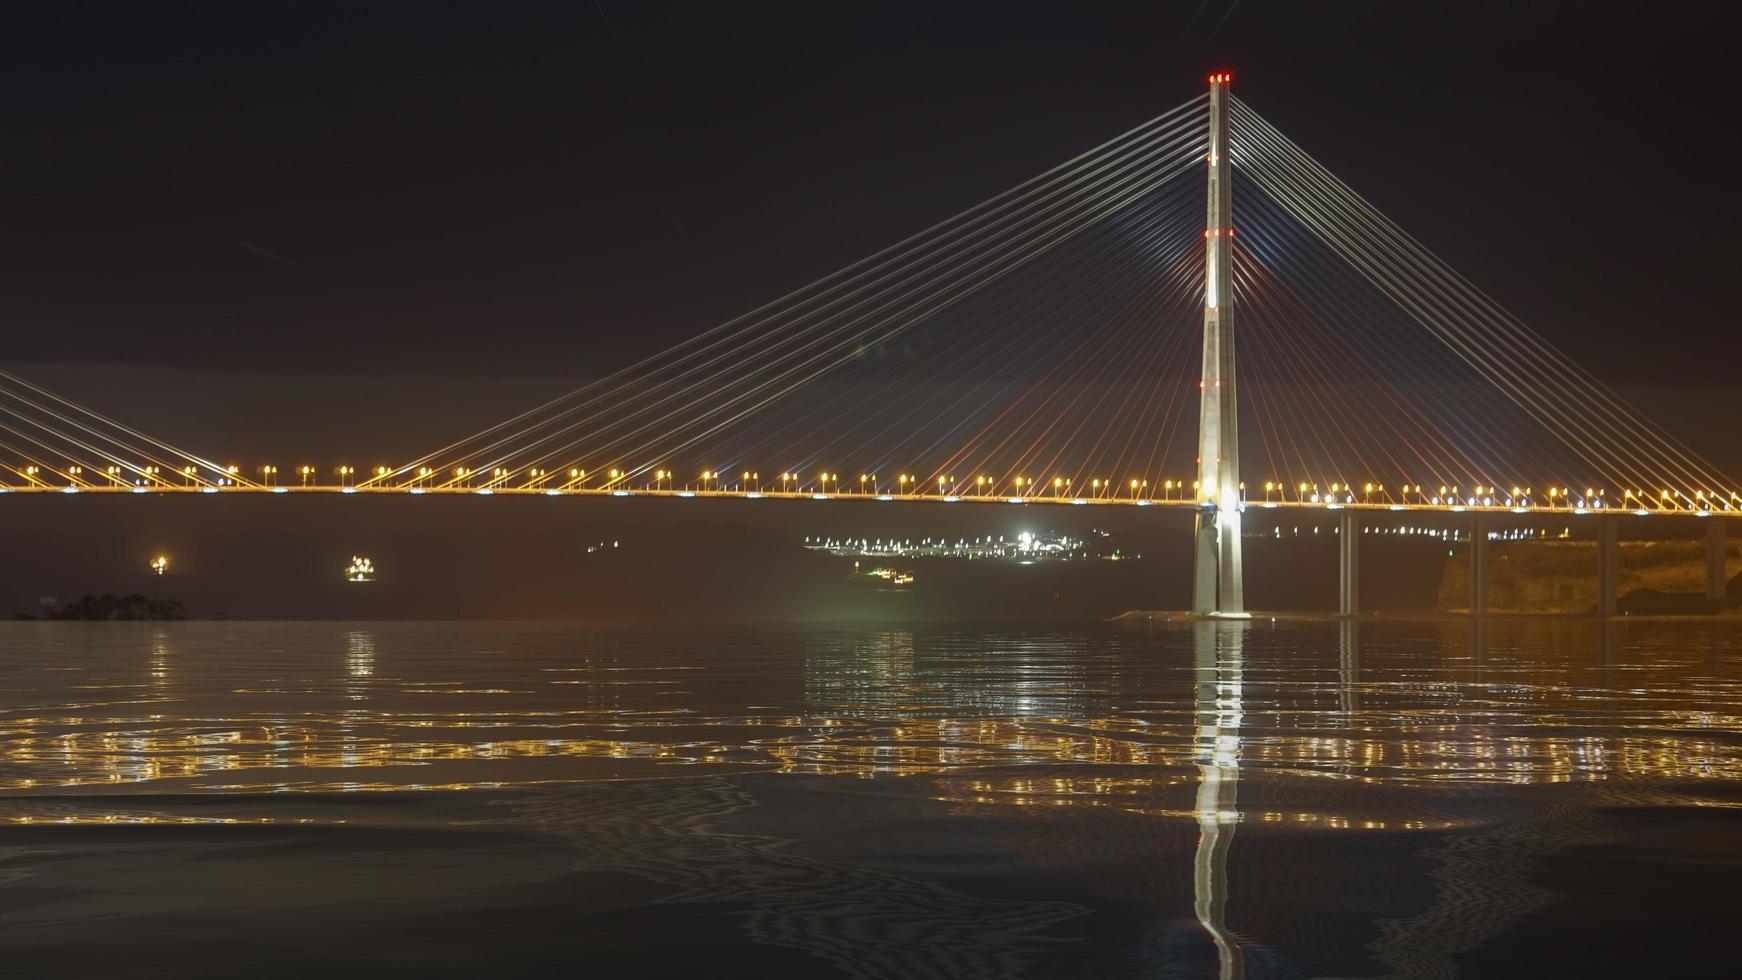 ponte russa contra o céu noturno. foto